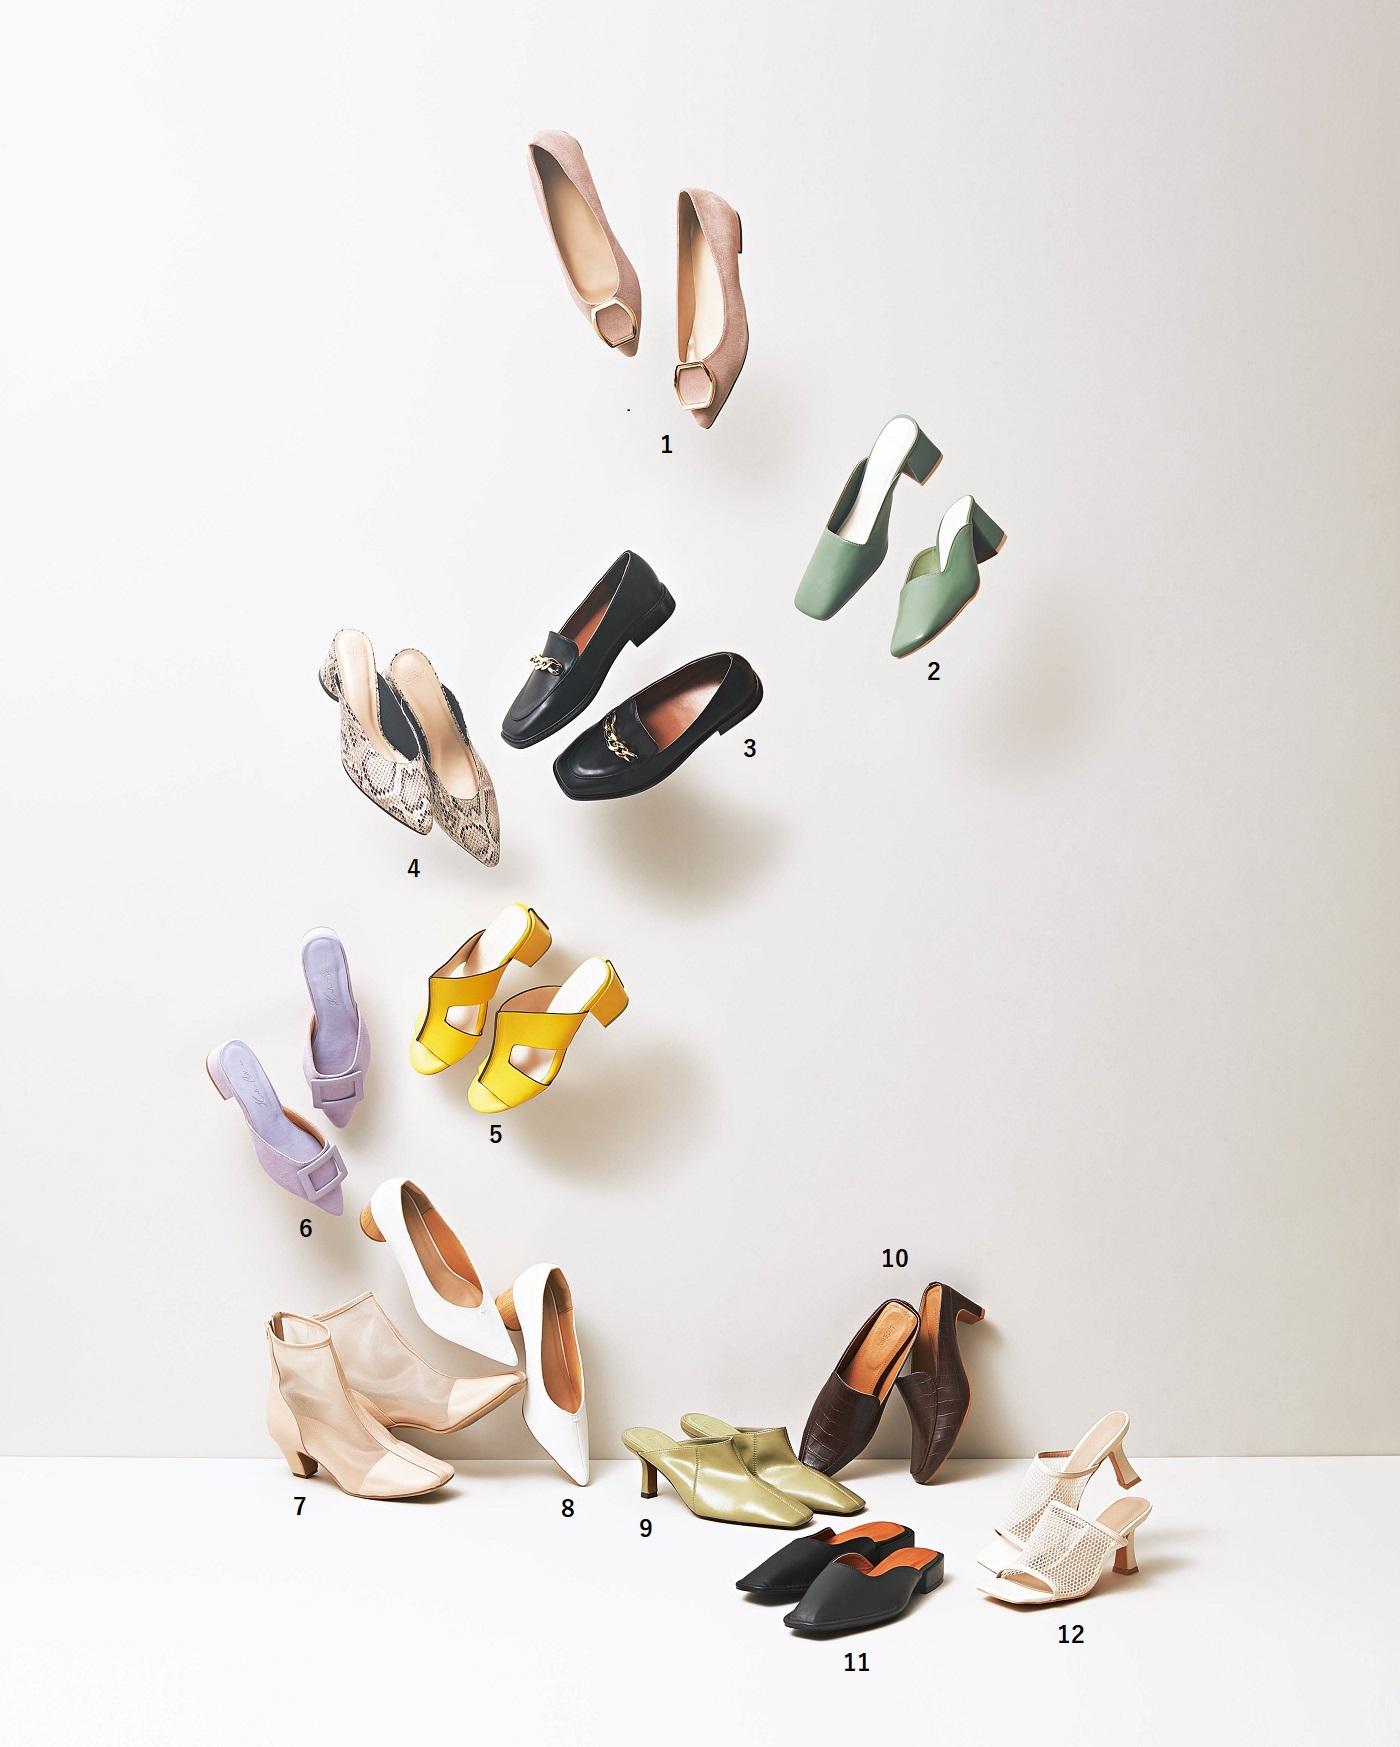 ハイコスパ靴